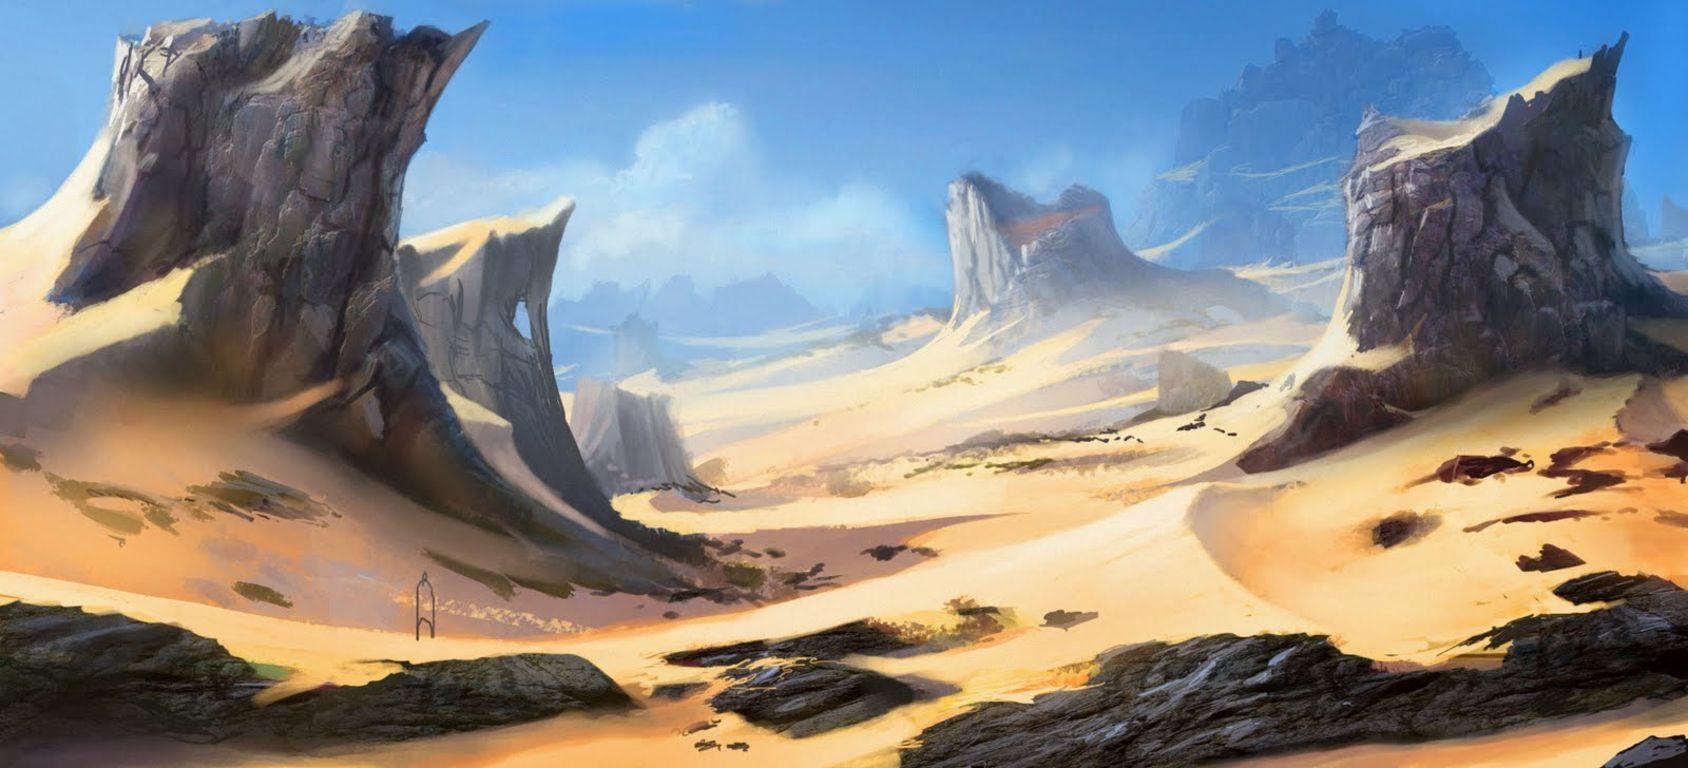 Le désert blanc Artwork-desert-pierres